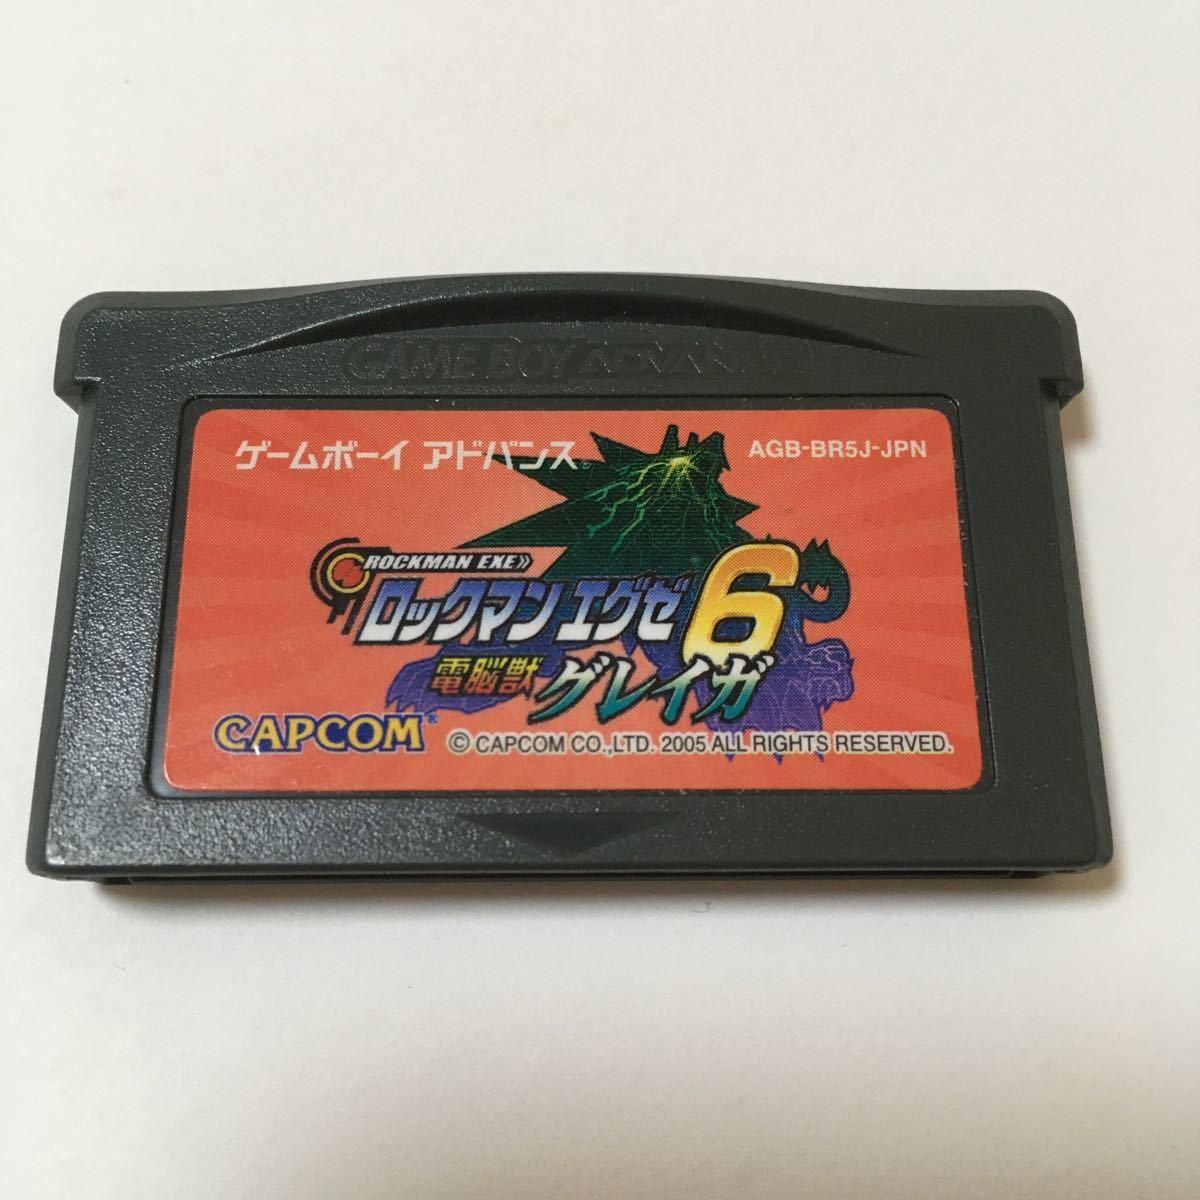 ゲームボーイアドバンス ソフト ロックマンエグゼ6 電脳獣グレイガ 動作確認済み レトロ ゲーム 任天堂 カセット